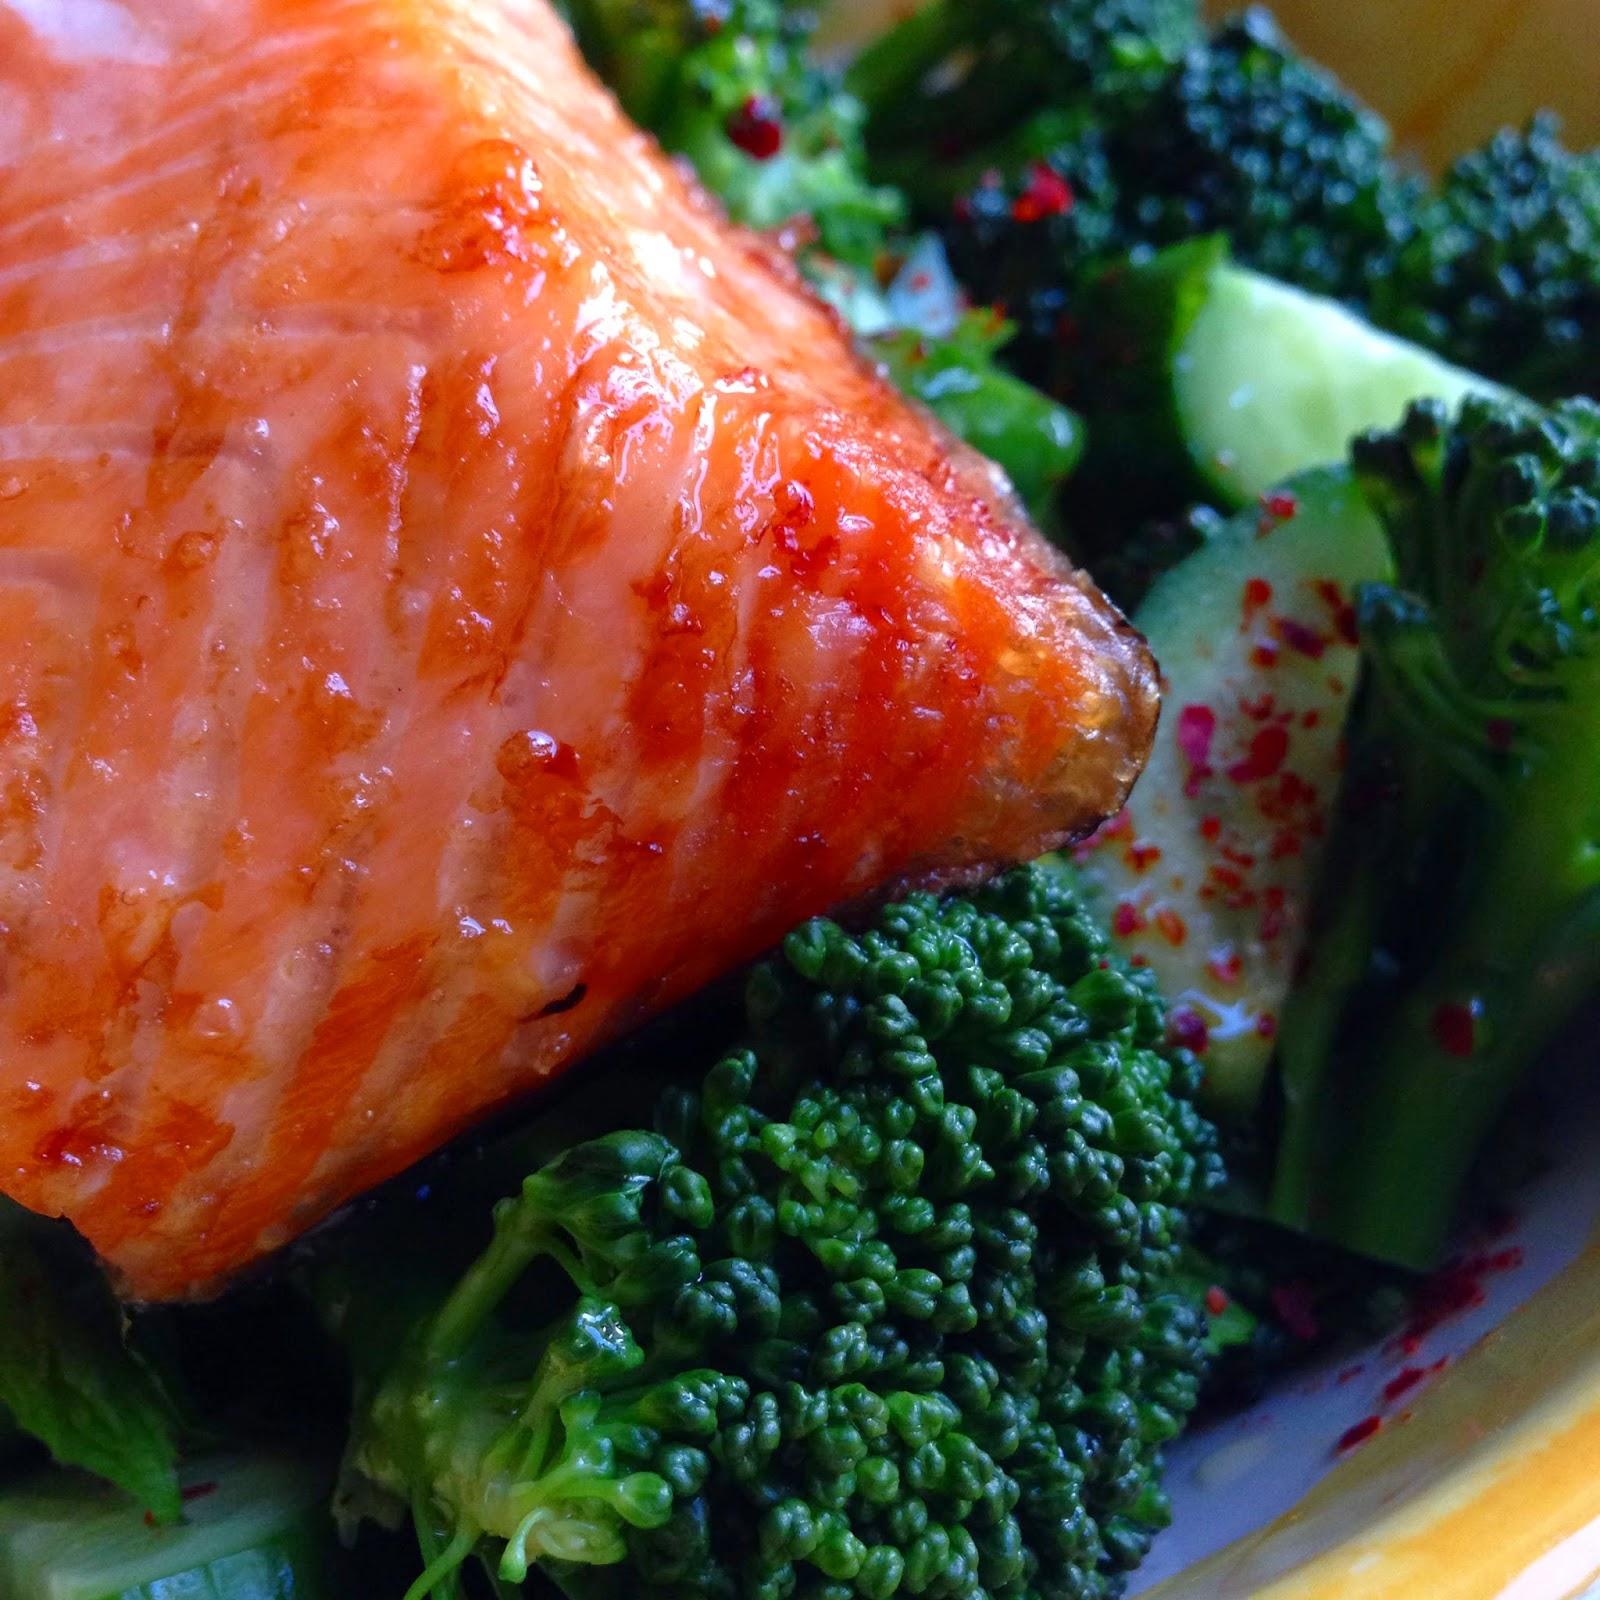 Gurme diyet yapmak mümkün mü